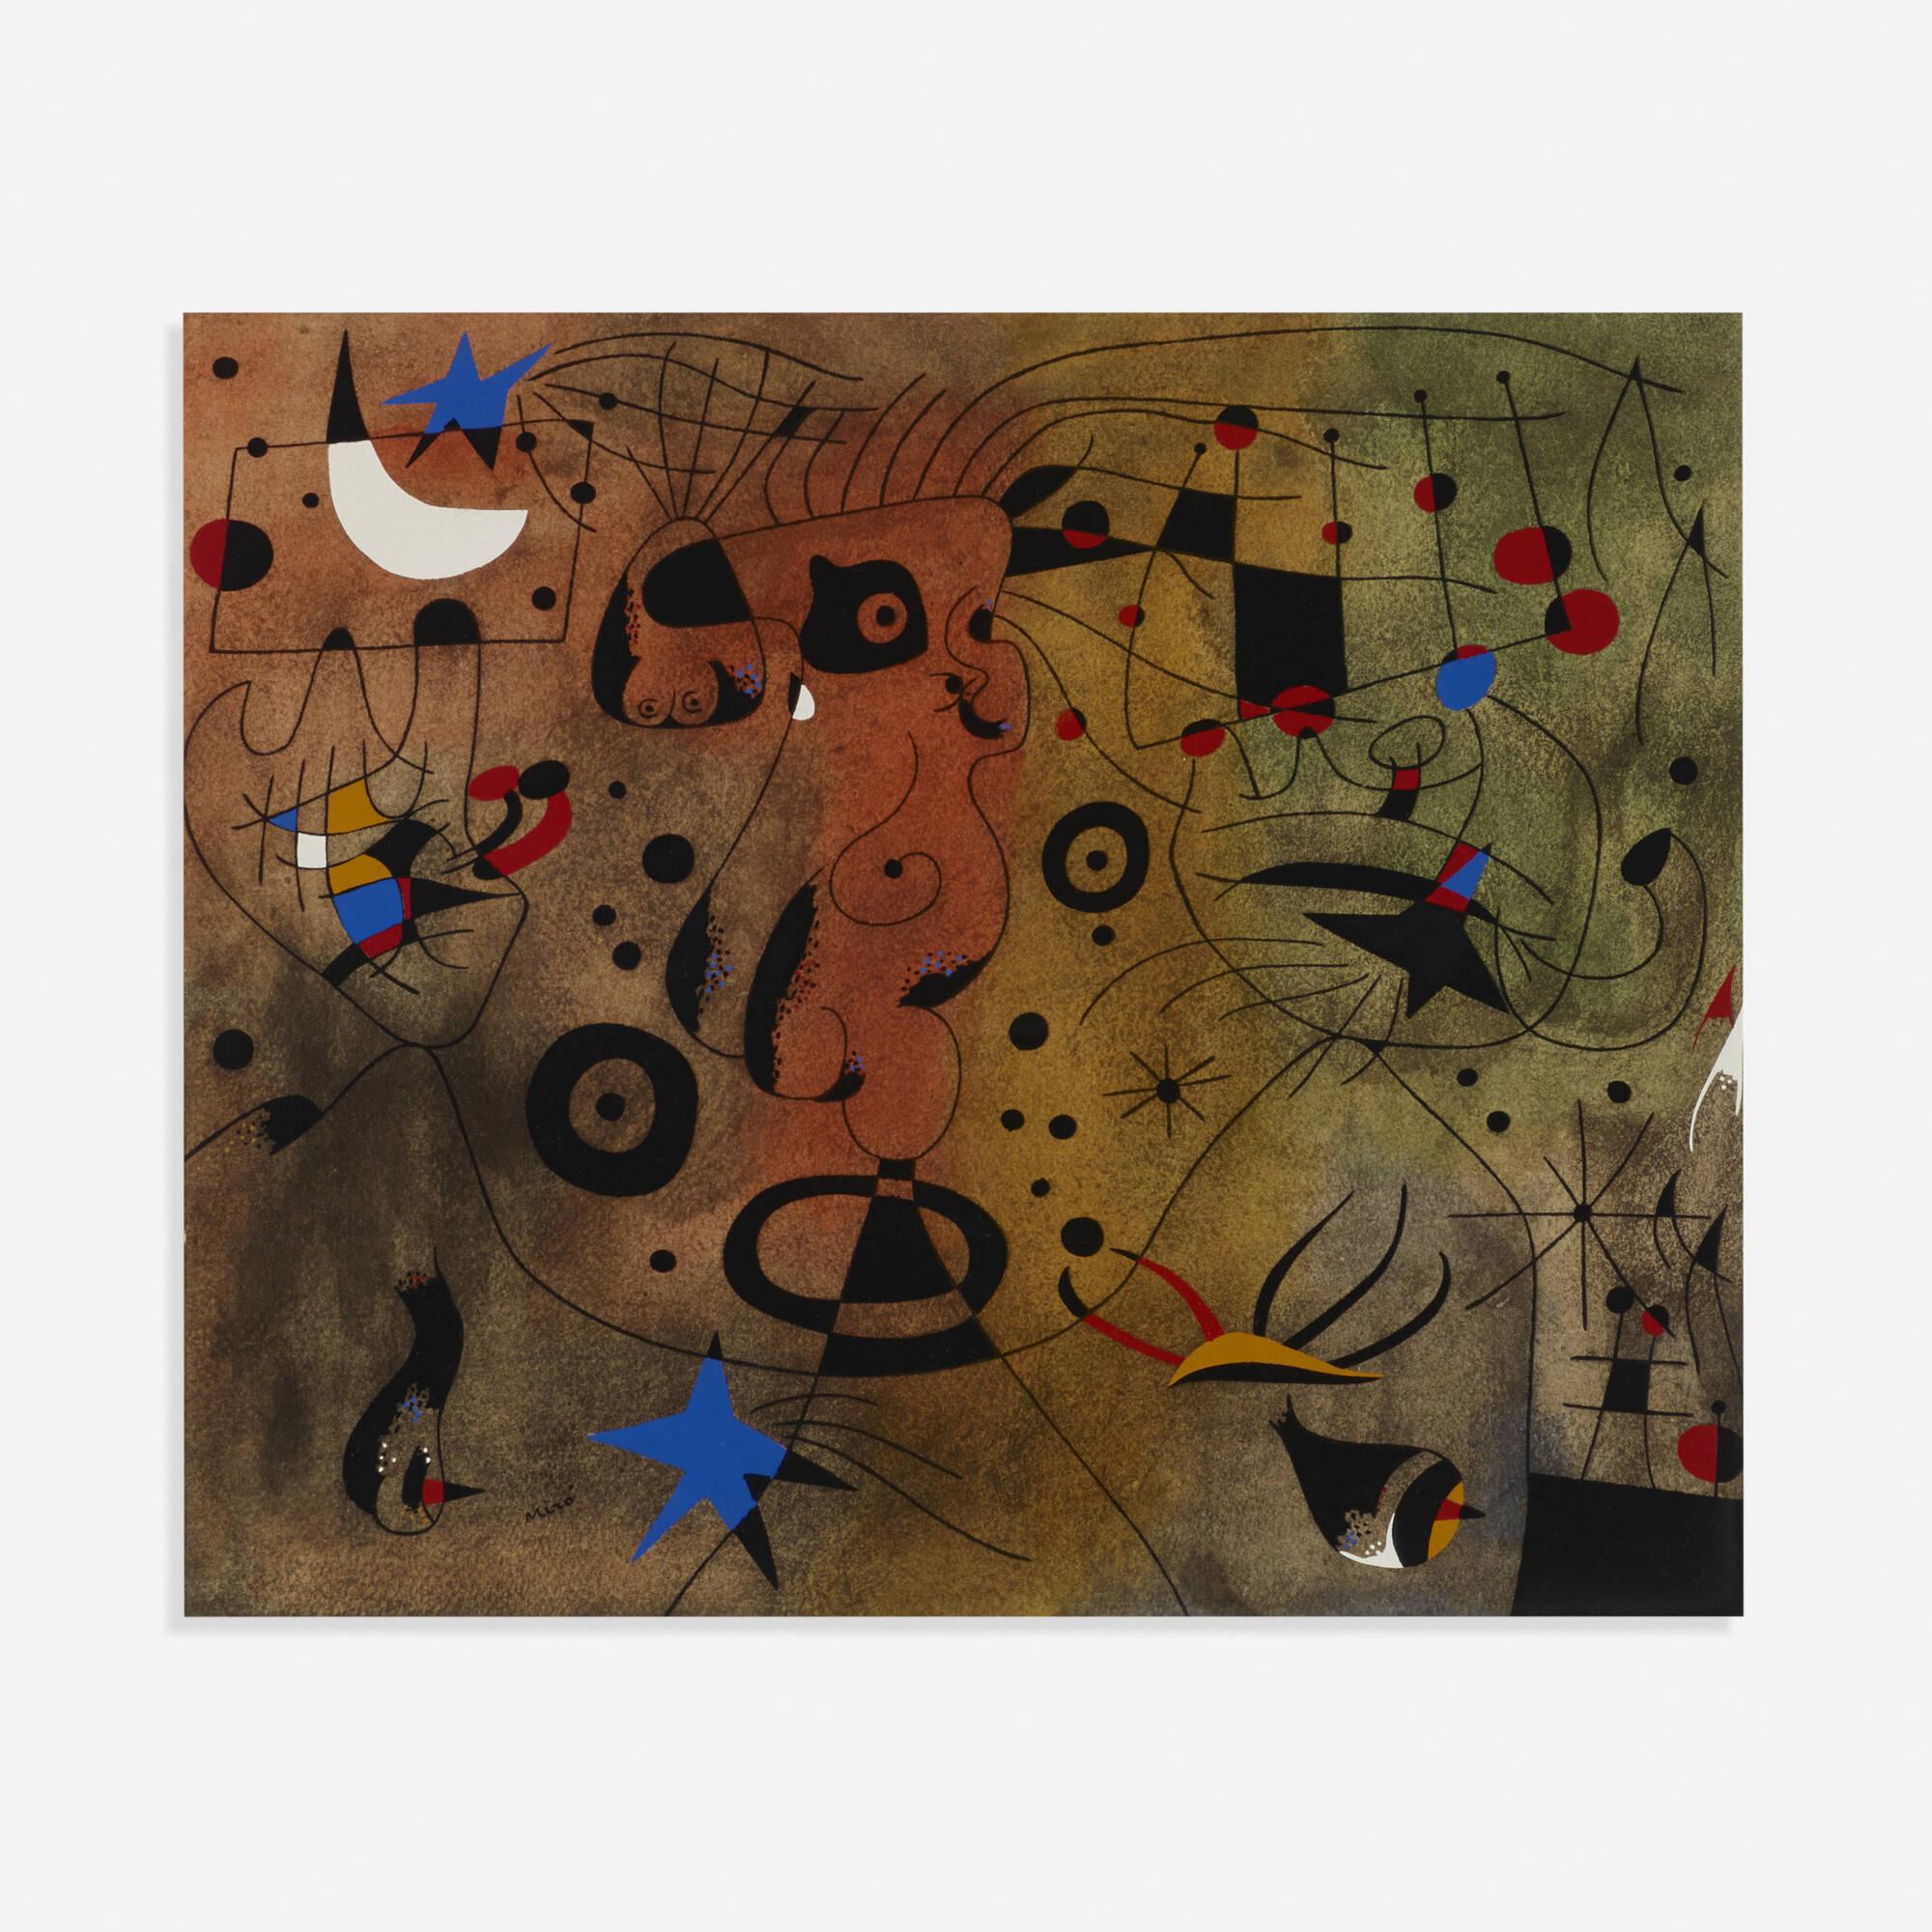 139: Joan Miró / Femme à la blonde aisselle coiffant sa chevelure à la lueur des étoiles (from the Constellations portfolio) (1 of 2)